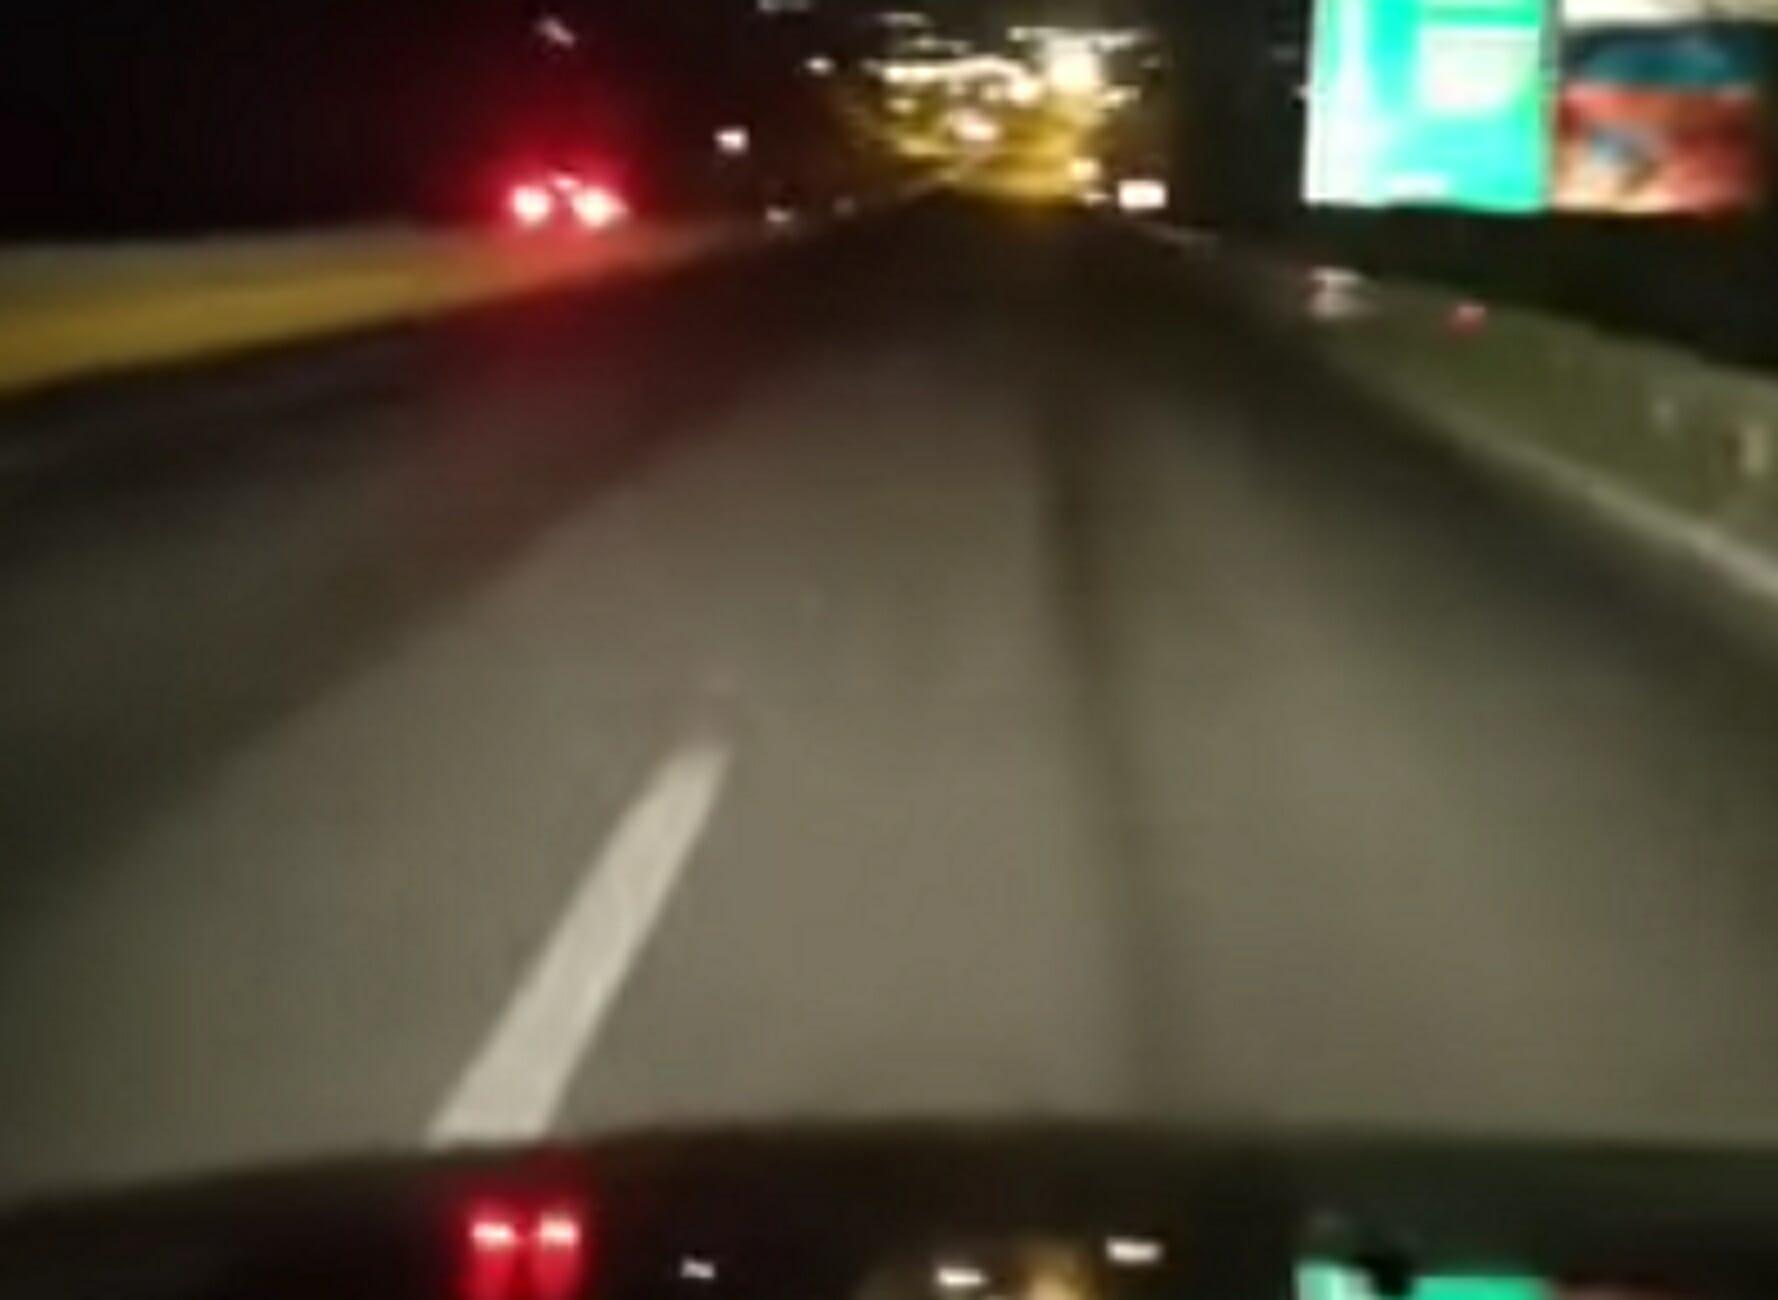 Κρήτη: Οδηγούσε στο αντίθετο ρεύμα της εθνικής οδού, στη λωρίδα ταχείας κυκλοφορίας! Κίνδυνος θάνατος στον ΒΟΑΚ (Βίντεο)